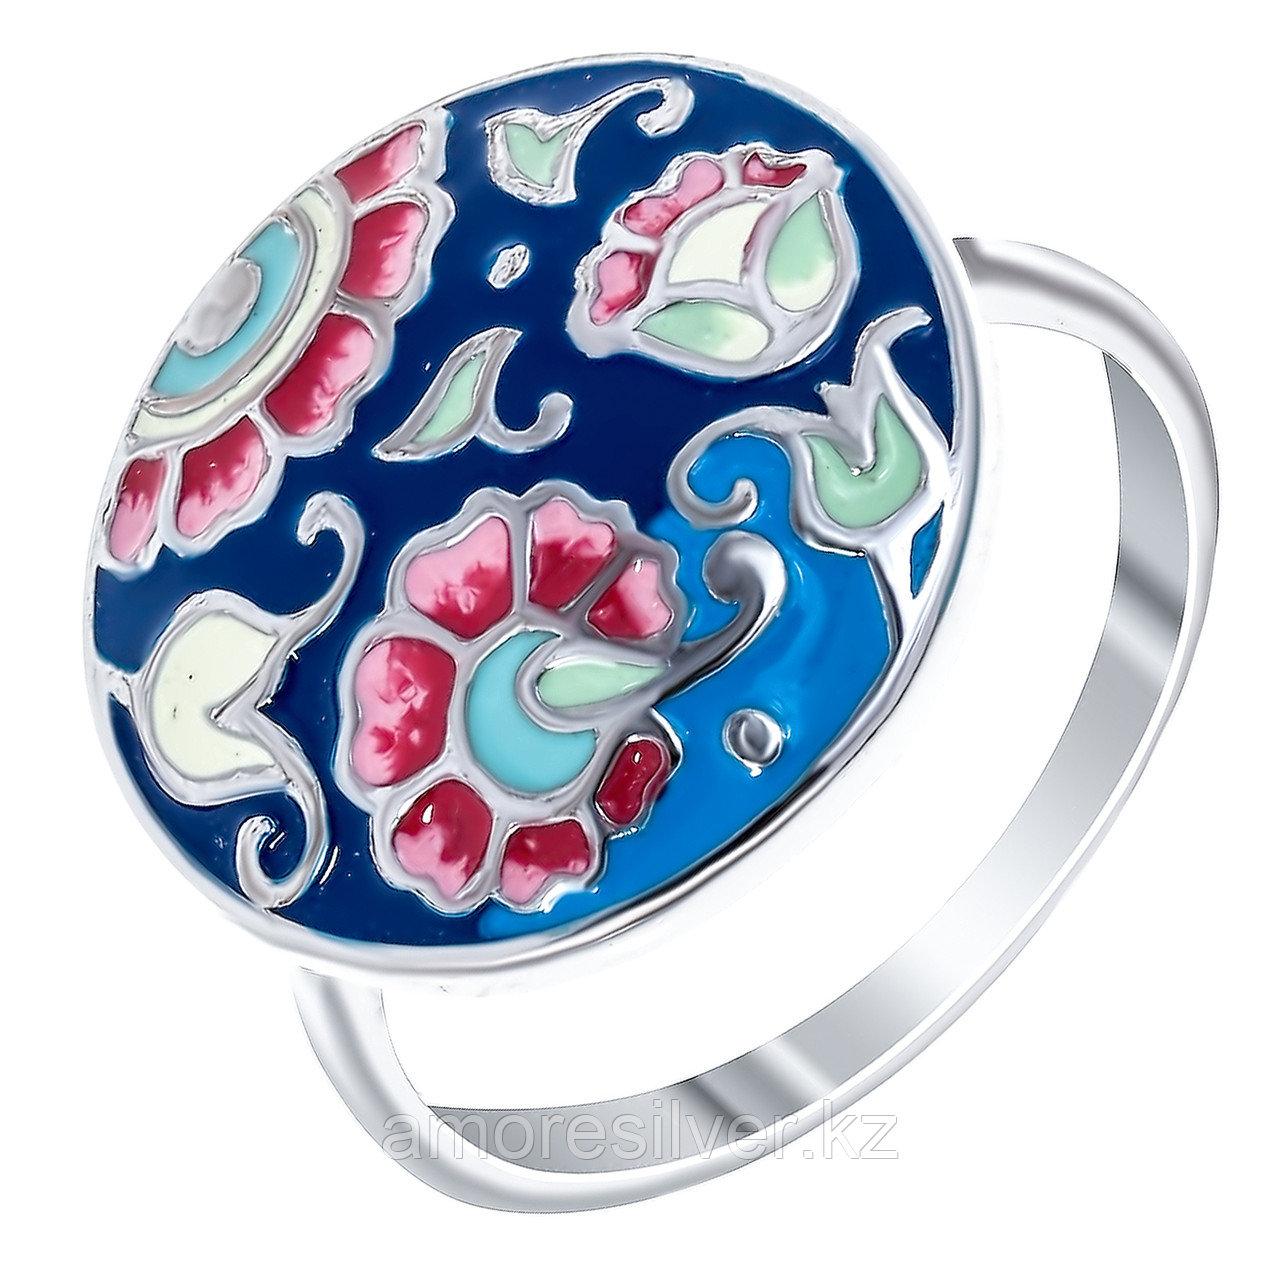 Кольцо Красносельский ювелирпром серебро с родием, без вставок,  3627000331